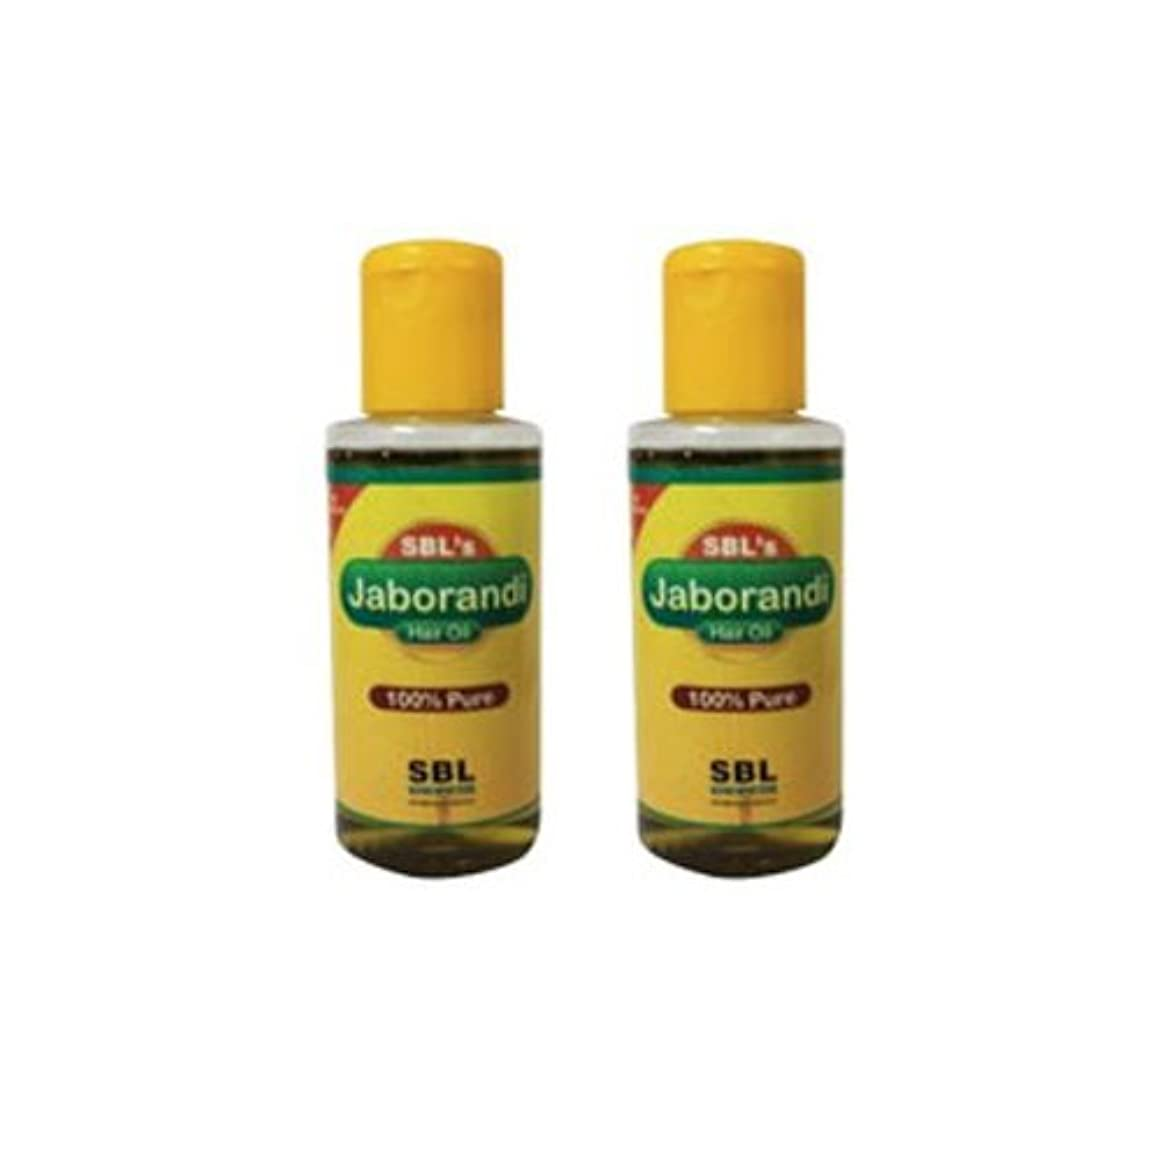 洪水寄付キャンディー2 x Jaborandi Hair Oil. Shipping Only By - USPS / FedEX by SBL